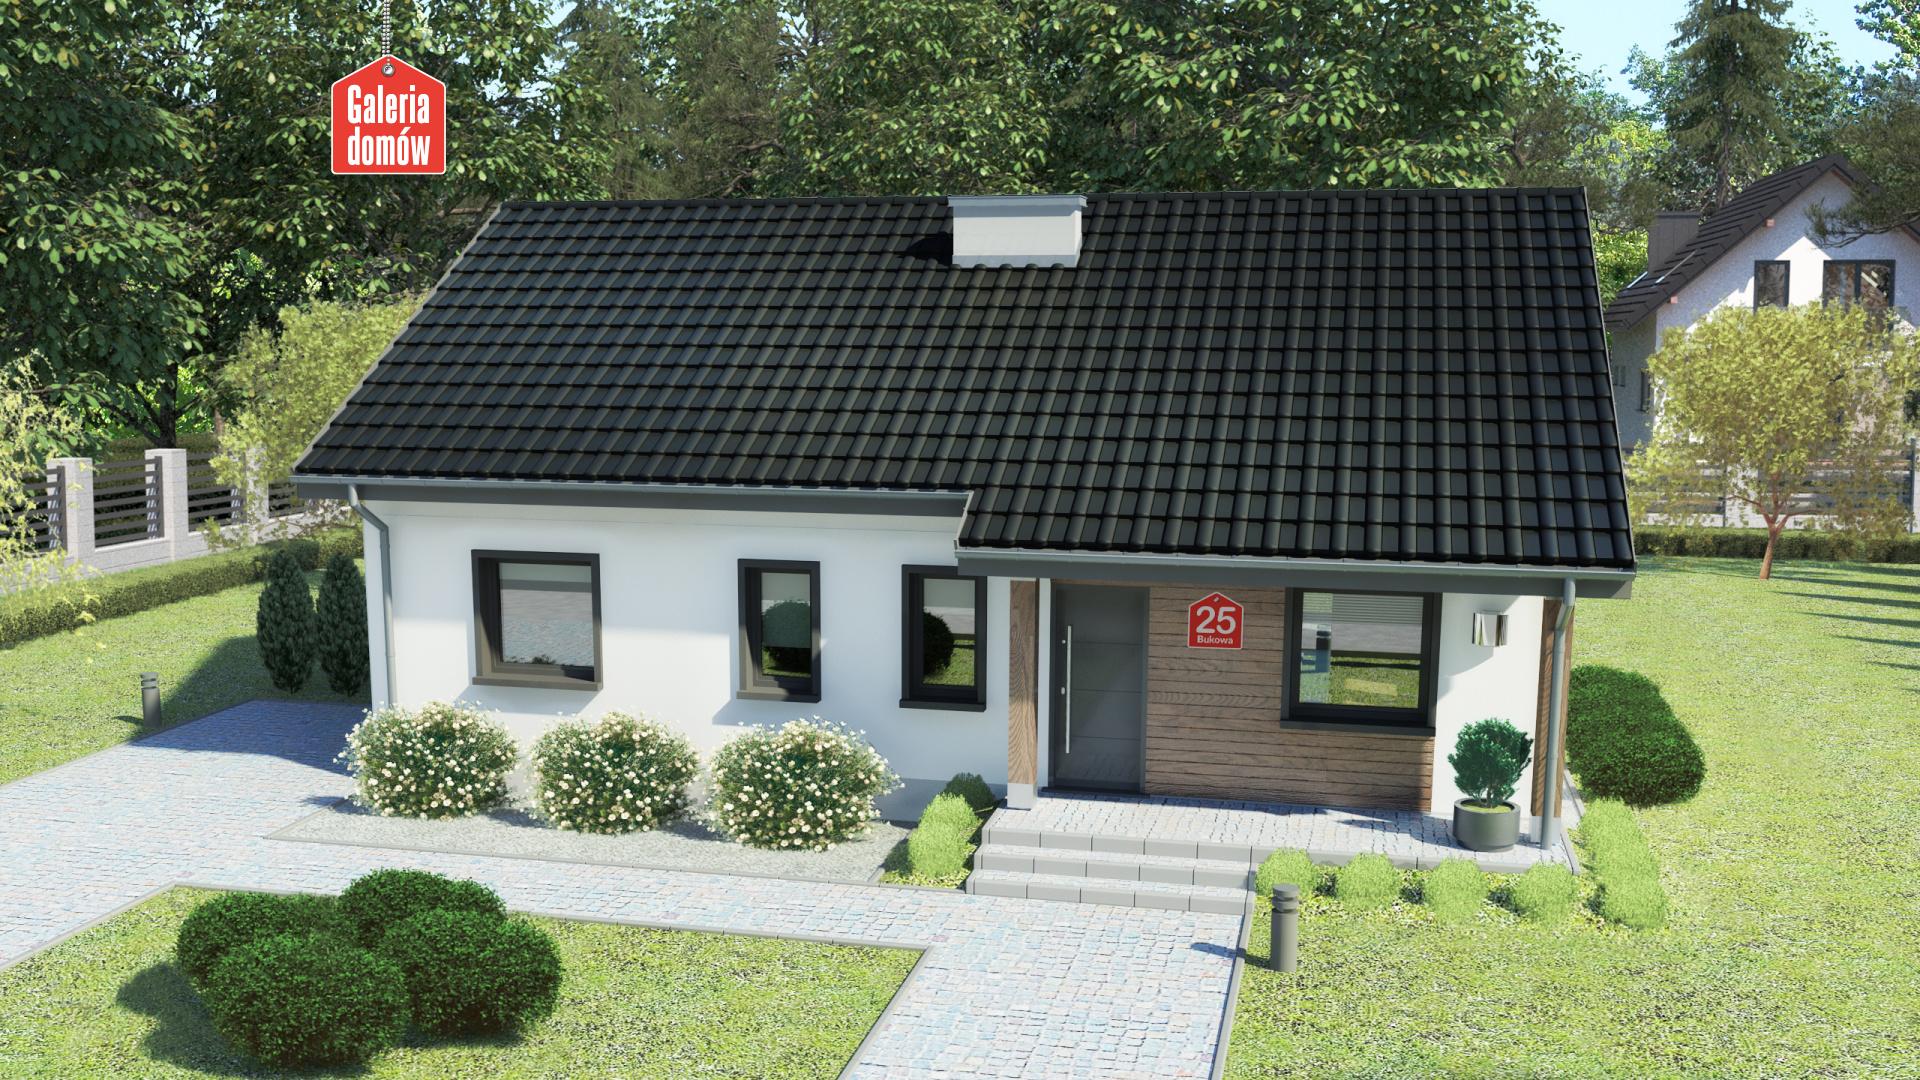 Dom przy Bukowej 25 - zdjęcie projektu i wizualizacja